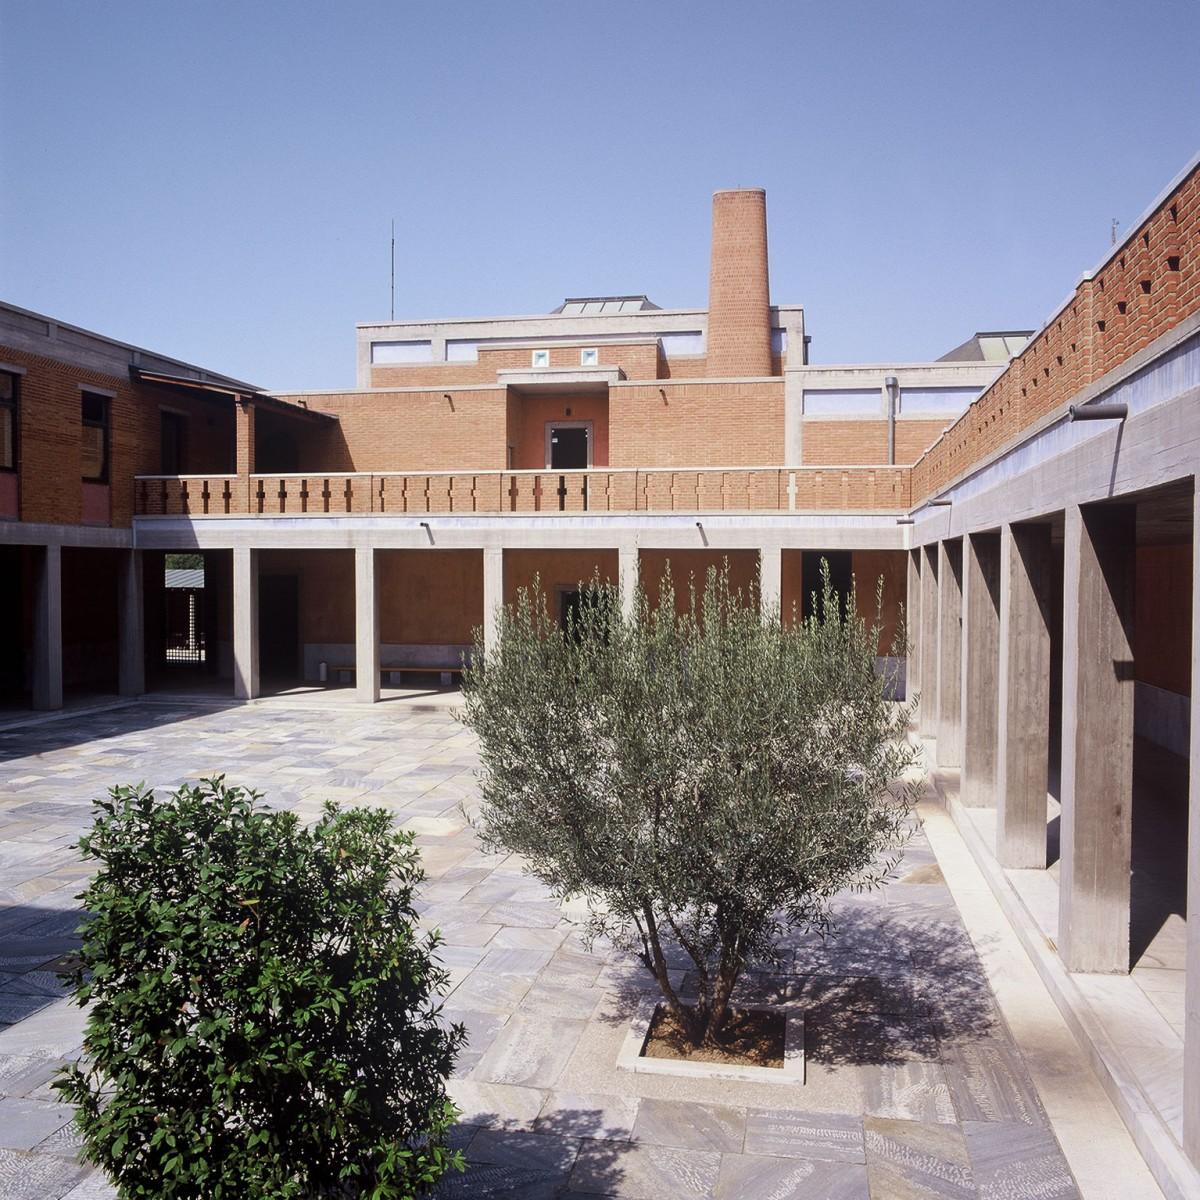 Εικ. 2. Το αίθριο του Μουσείου Βυζαντινού Πολιτισμού.